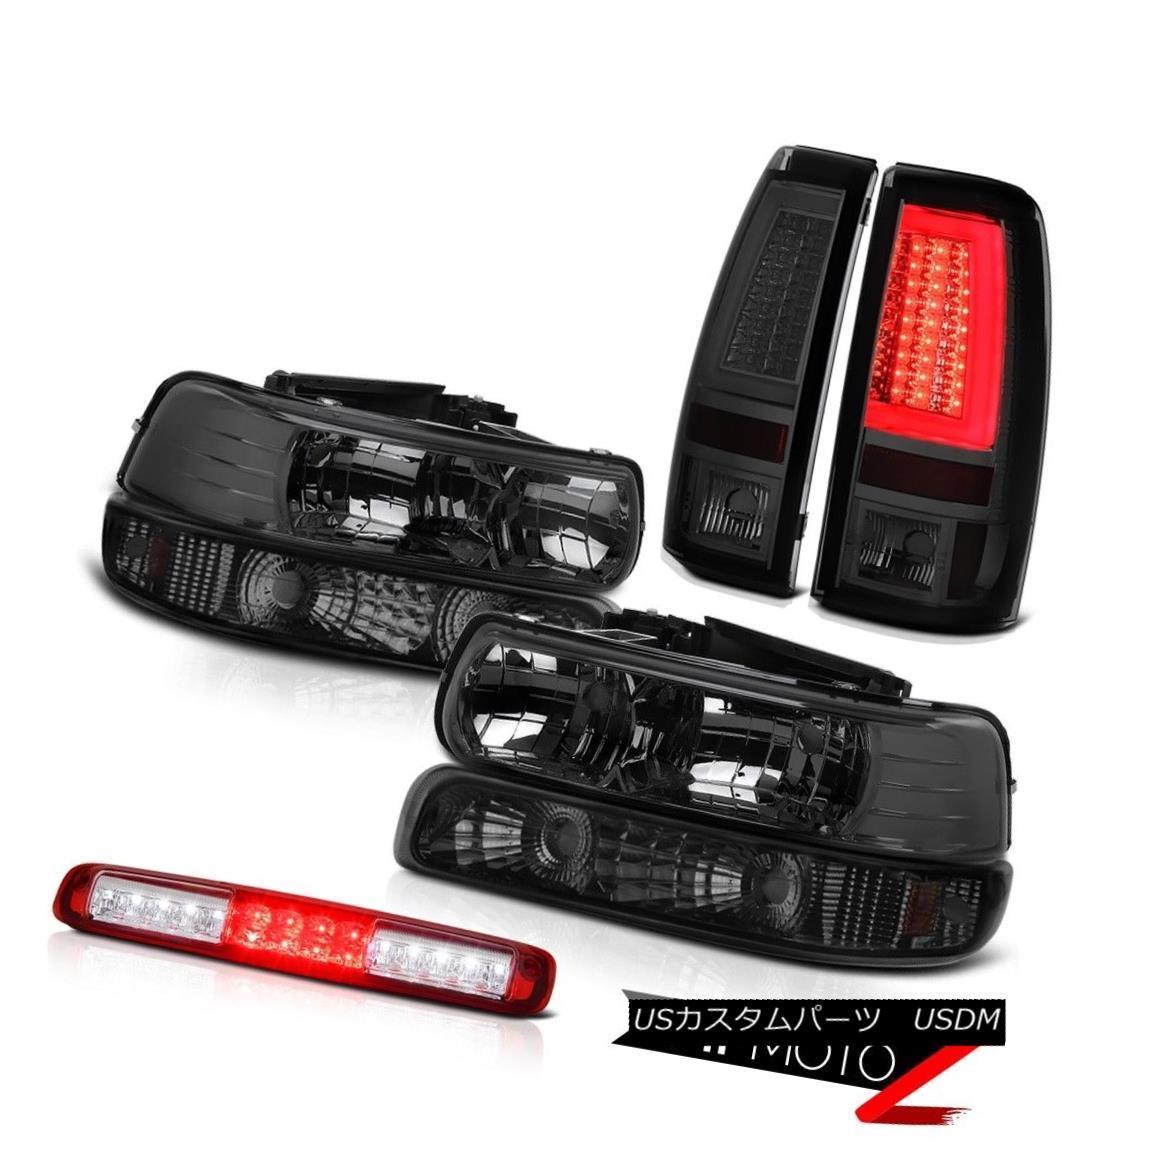 テールライト 99-02 Silverado 4WD Tail Lights Bumper Lamp Headlights 3rd Brake